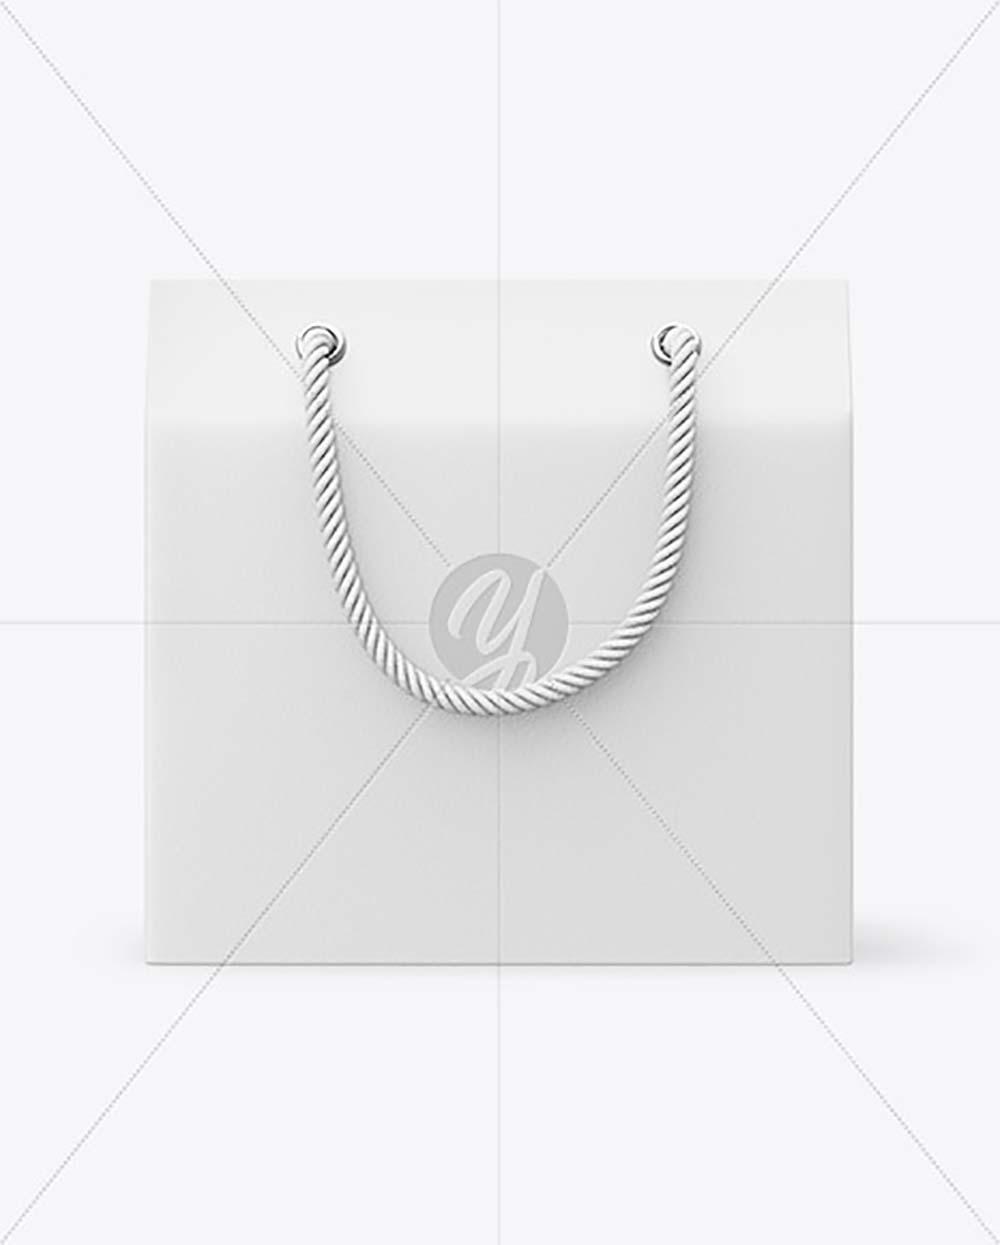 挂绳礼品包装盒品牌广告设计样机 designshidai_yj686